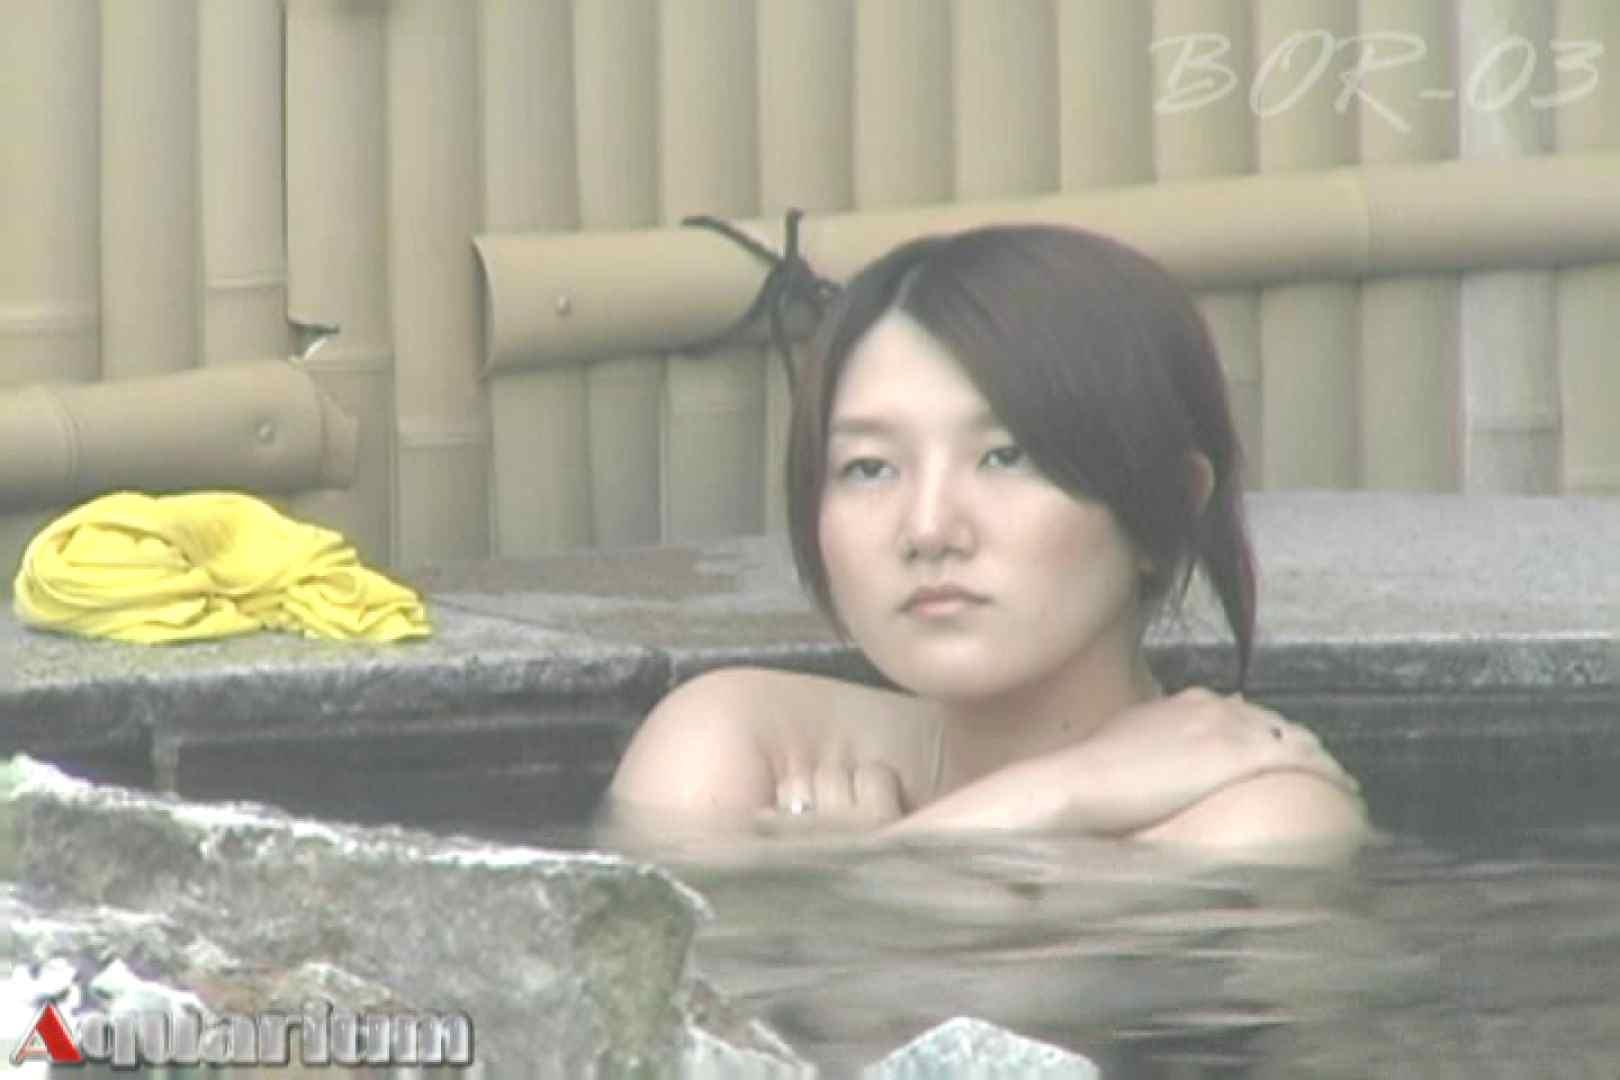 Aquaな露天風呂Vol.487 OLのエロ生活  95連発 81